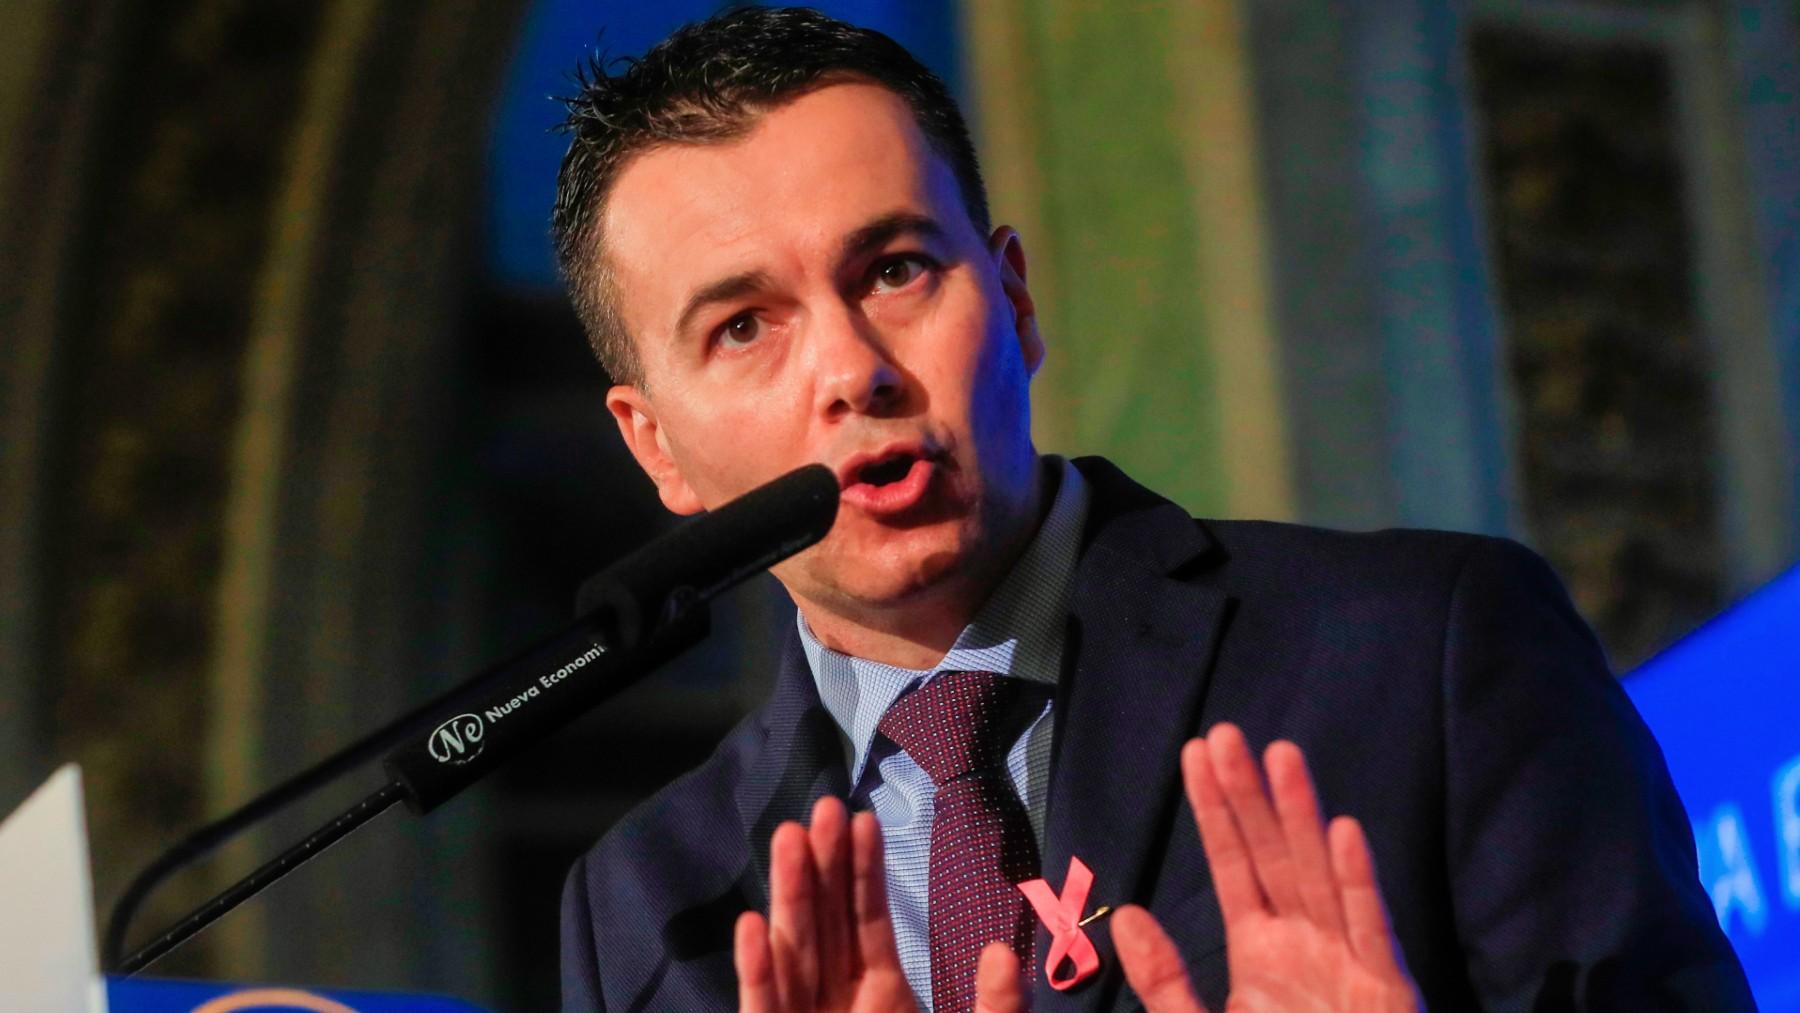 El portavoz del PSOE en el Congreso, Héctor Gómez. (Foto: Efe)